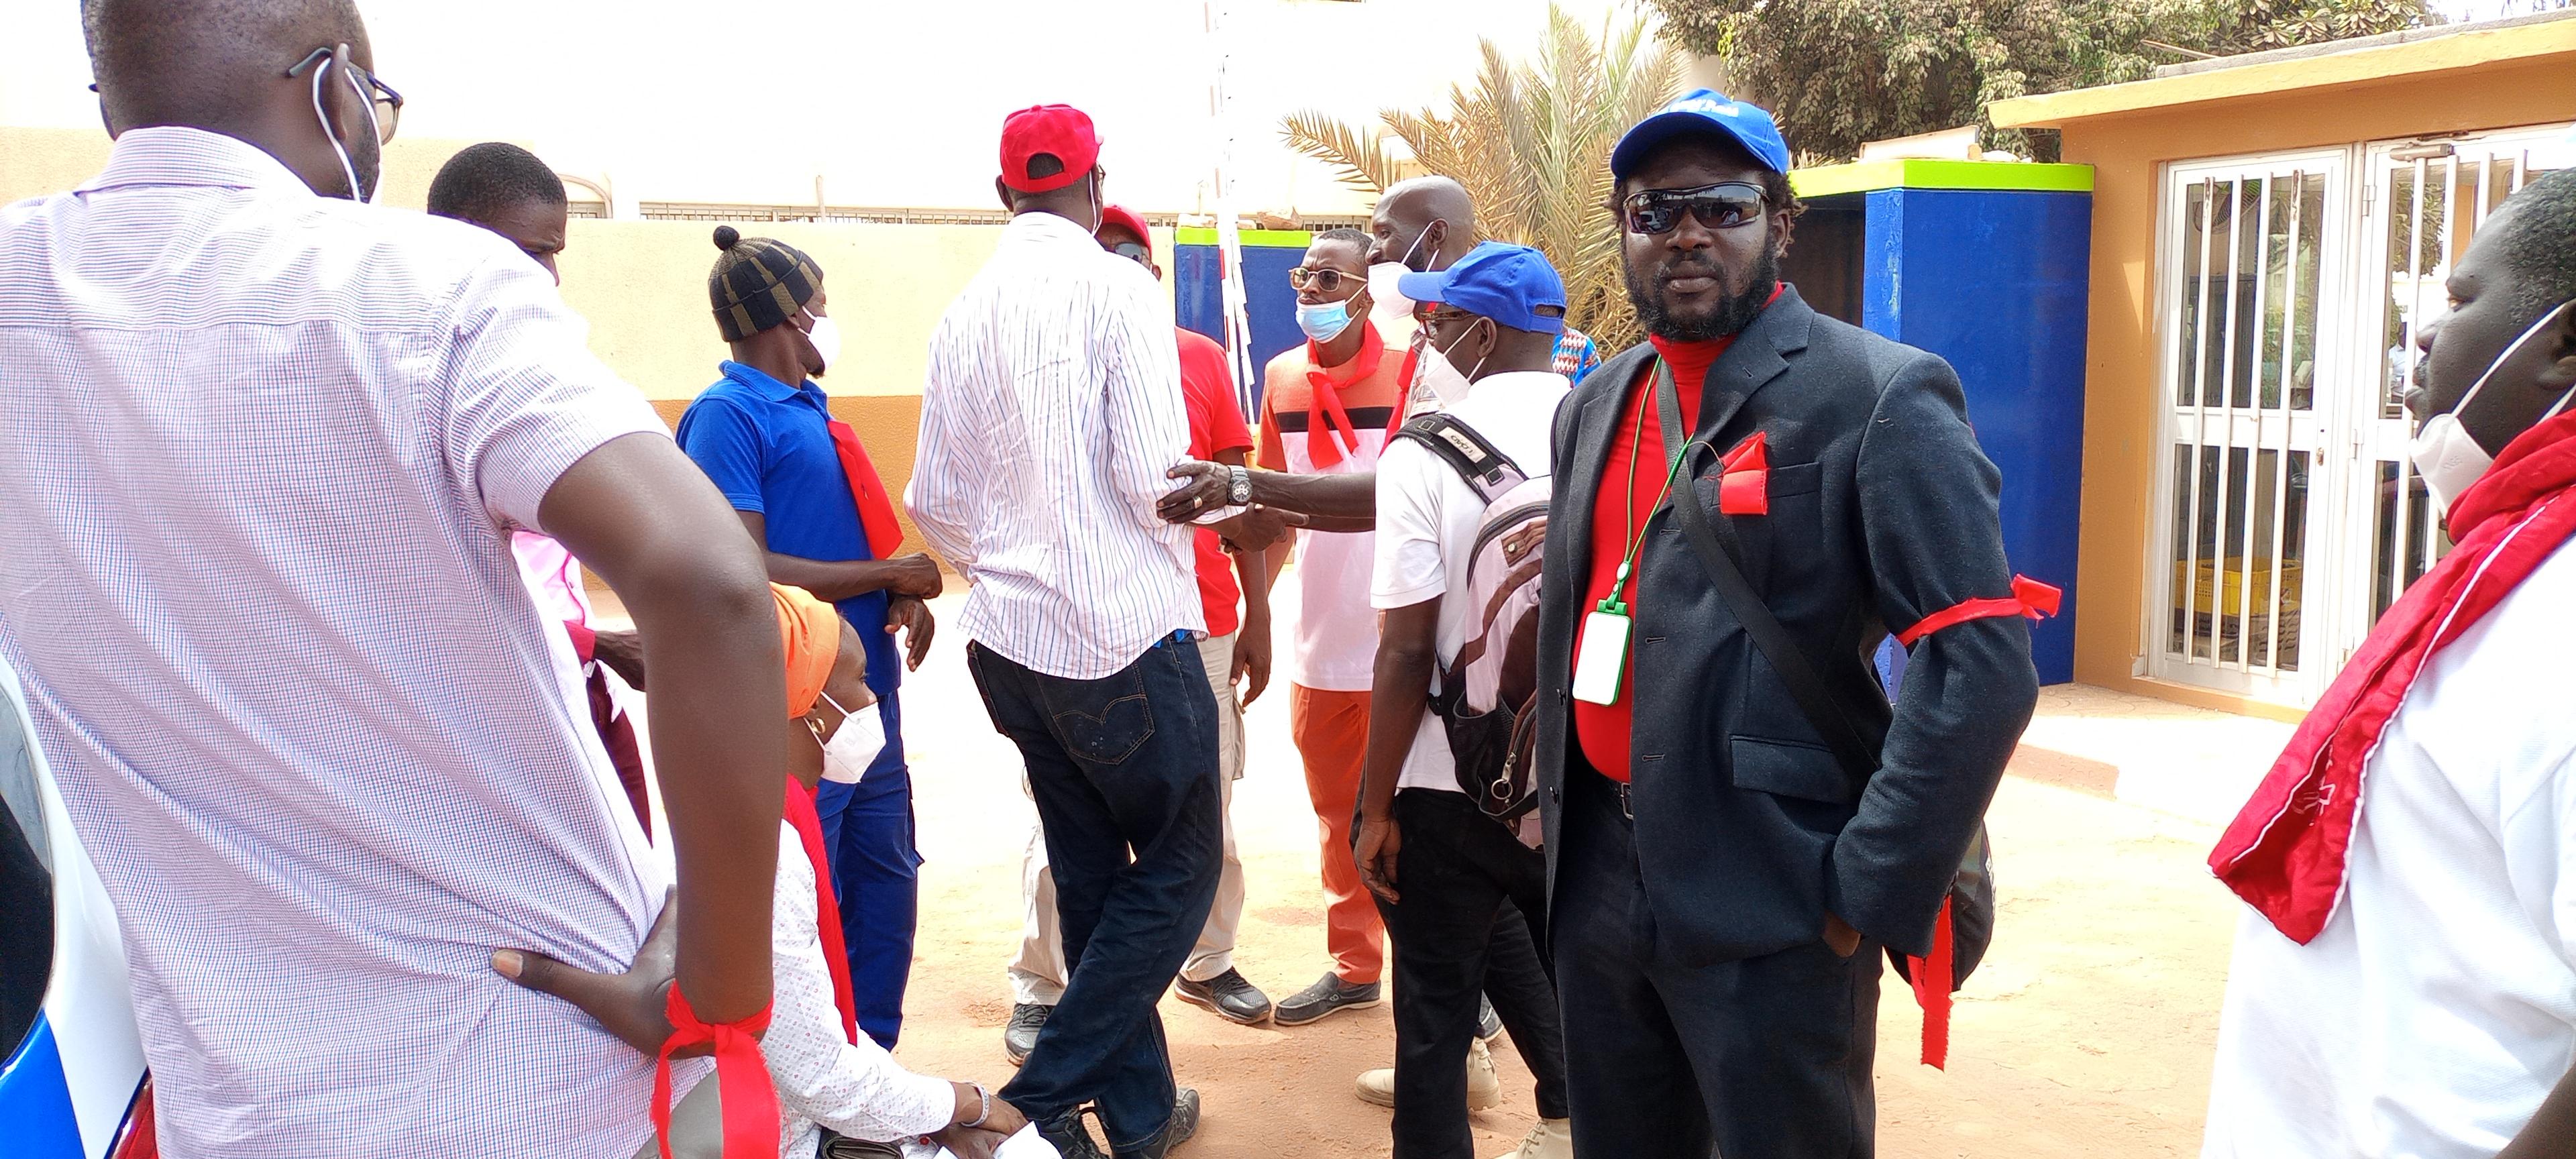 Visite à Sen'Eau: le ministre Serigne Mbaye Thiam accueilli avec des brassards rouges par les travailleurs